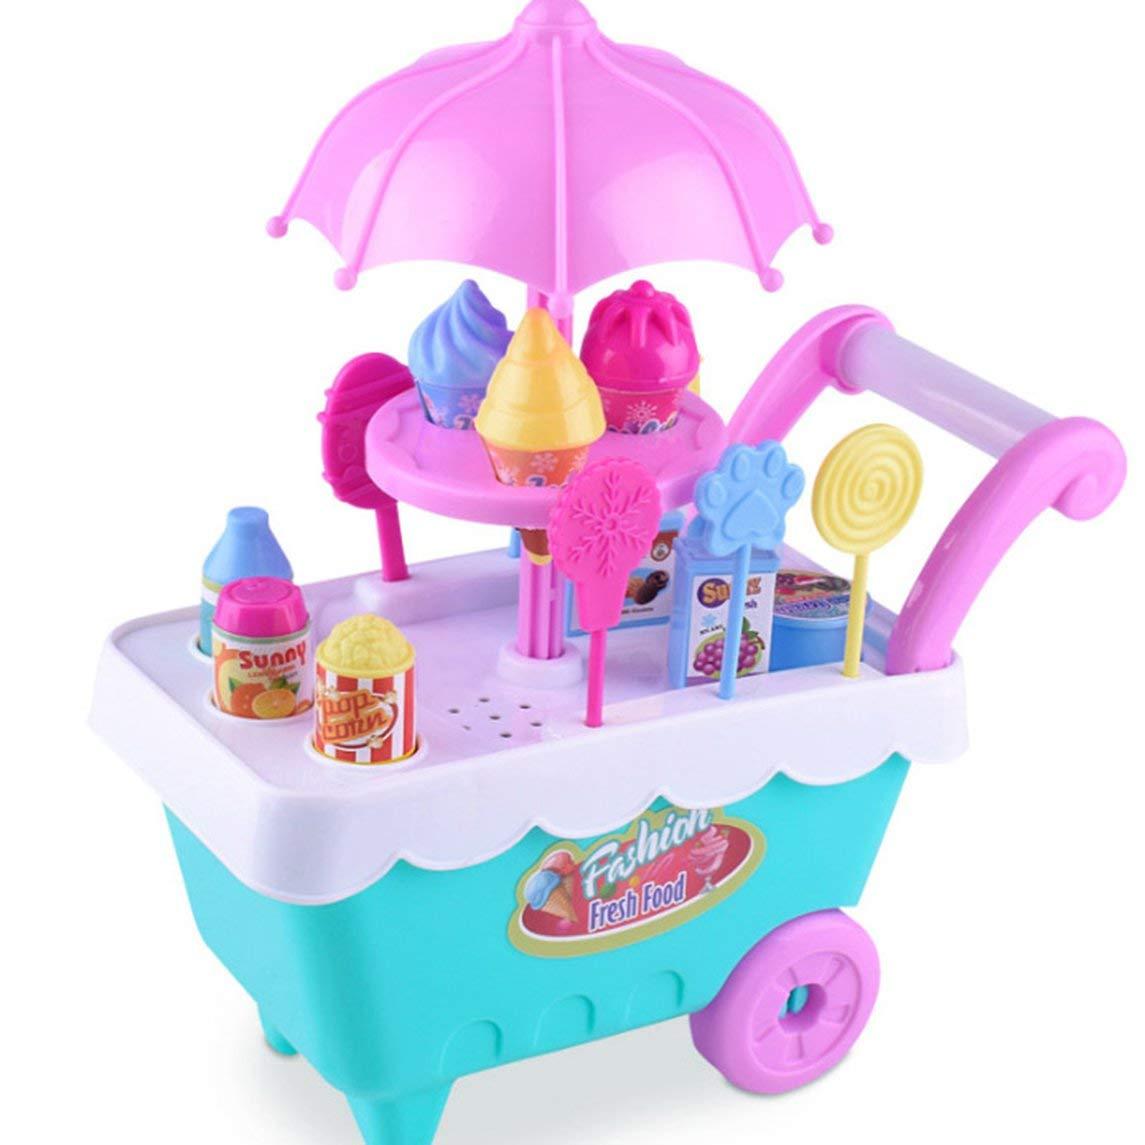 Footprintes Kinder Pretend Rollenspiel Spielzeug Simulation Eiswagen Set Lernen Lernspielzeug für Kinder Geburtstagsgeschenk